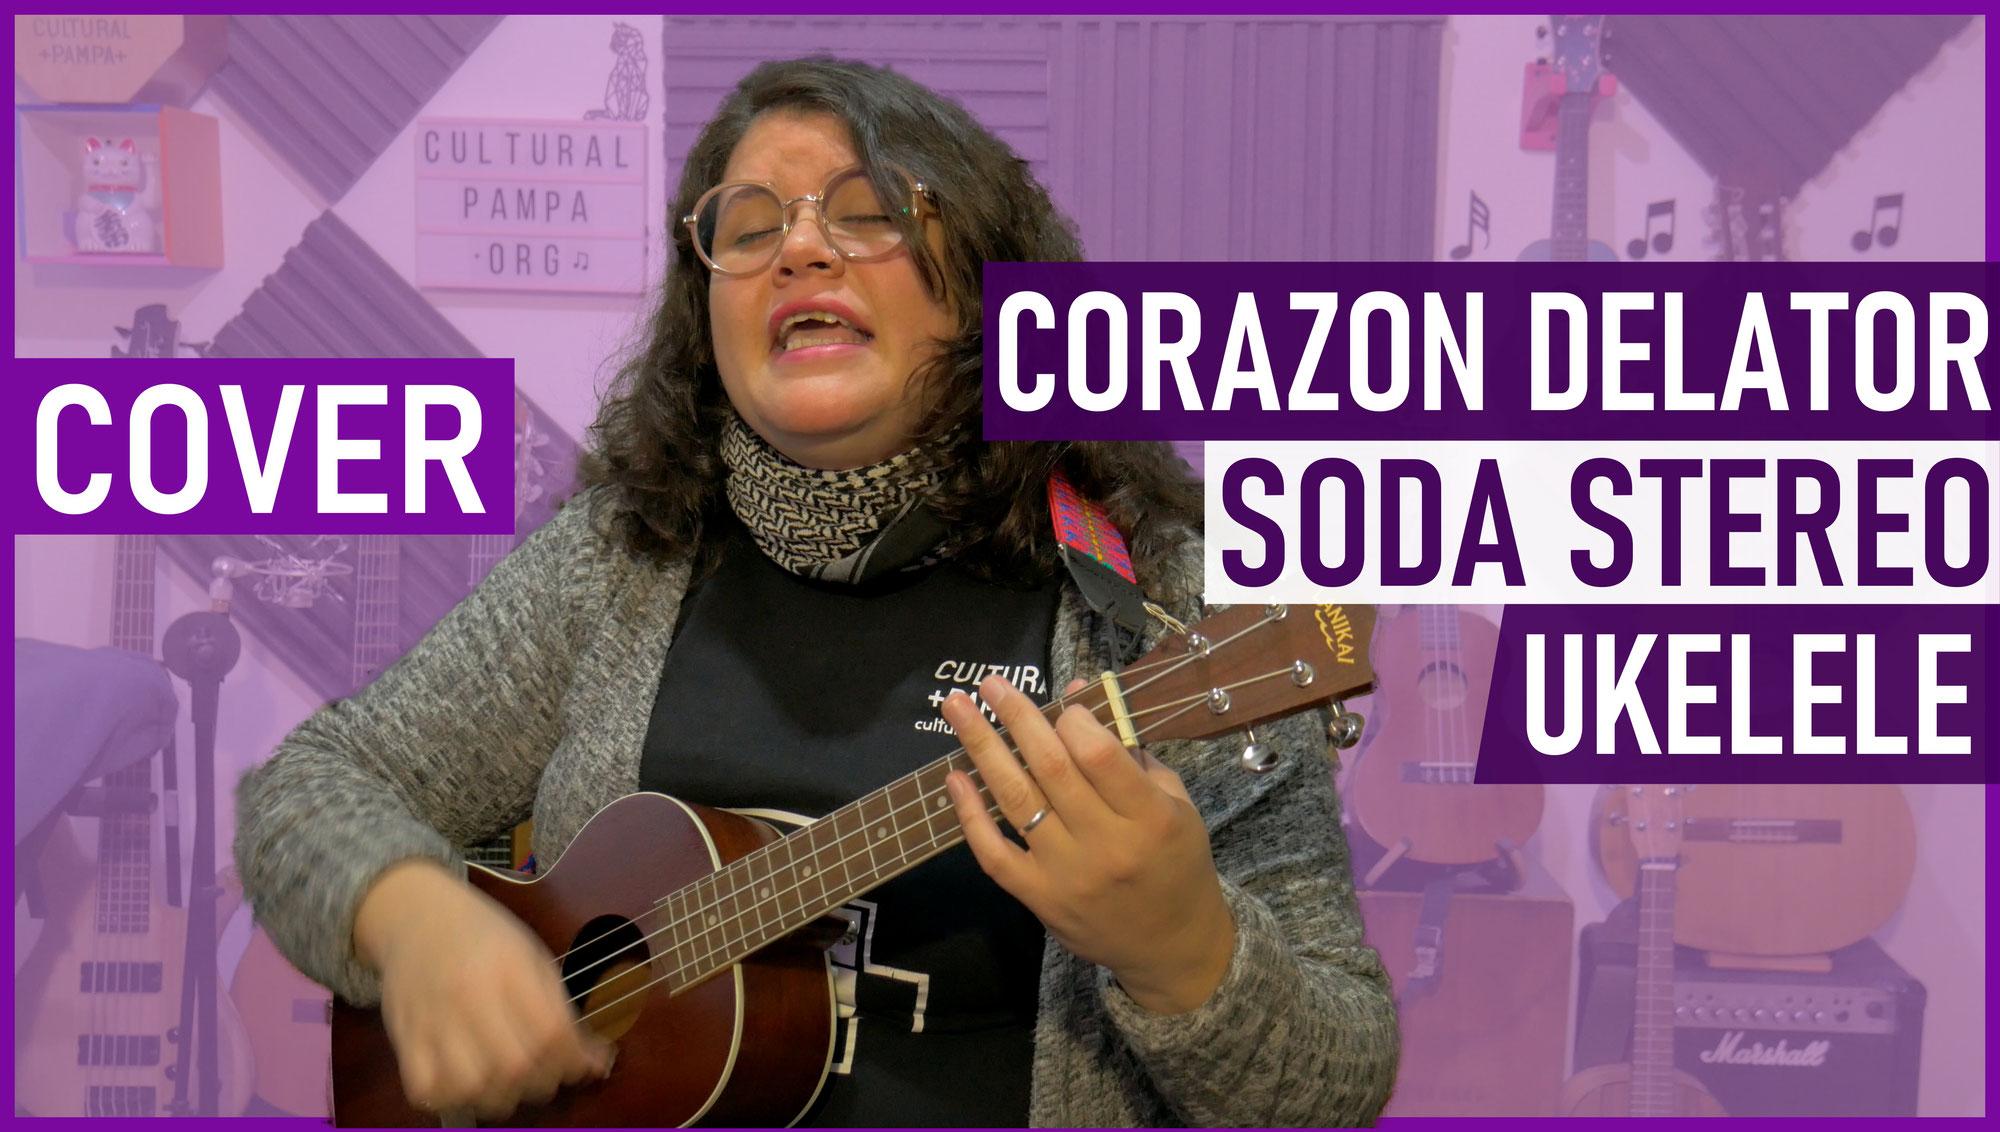 Corazon Delator (Soda Stereo - Gustavo Cerati) | Cover Ukelele